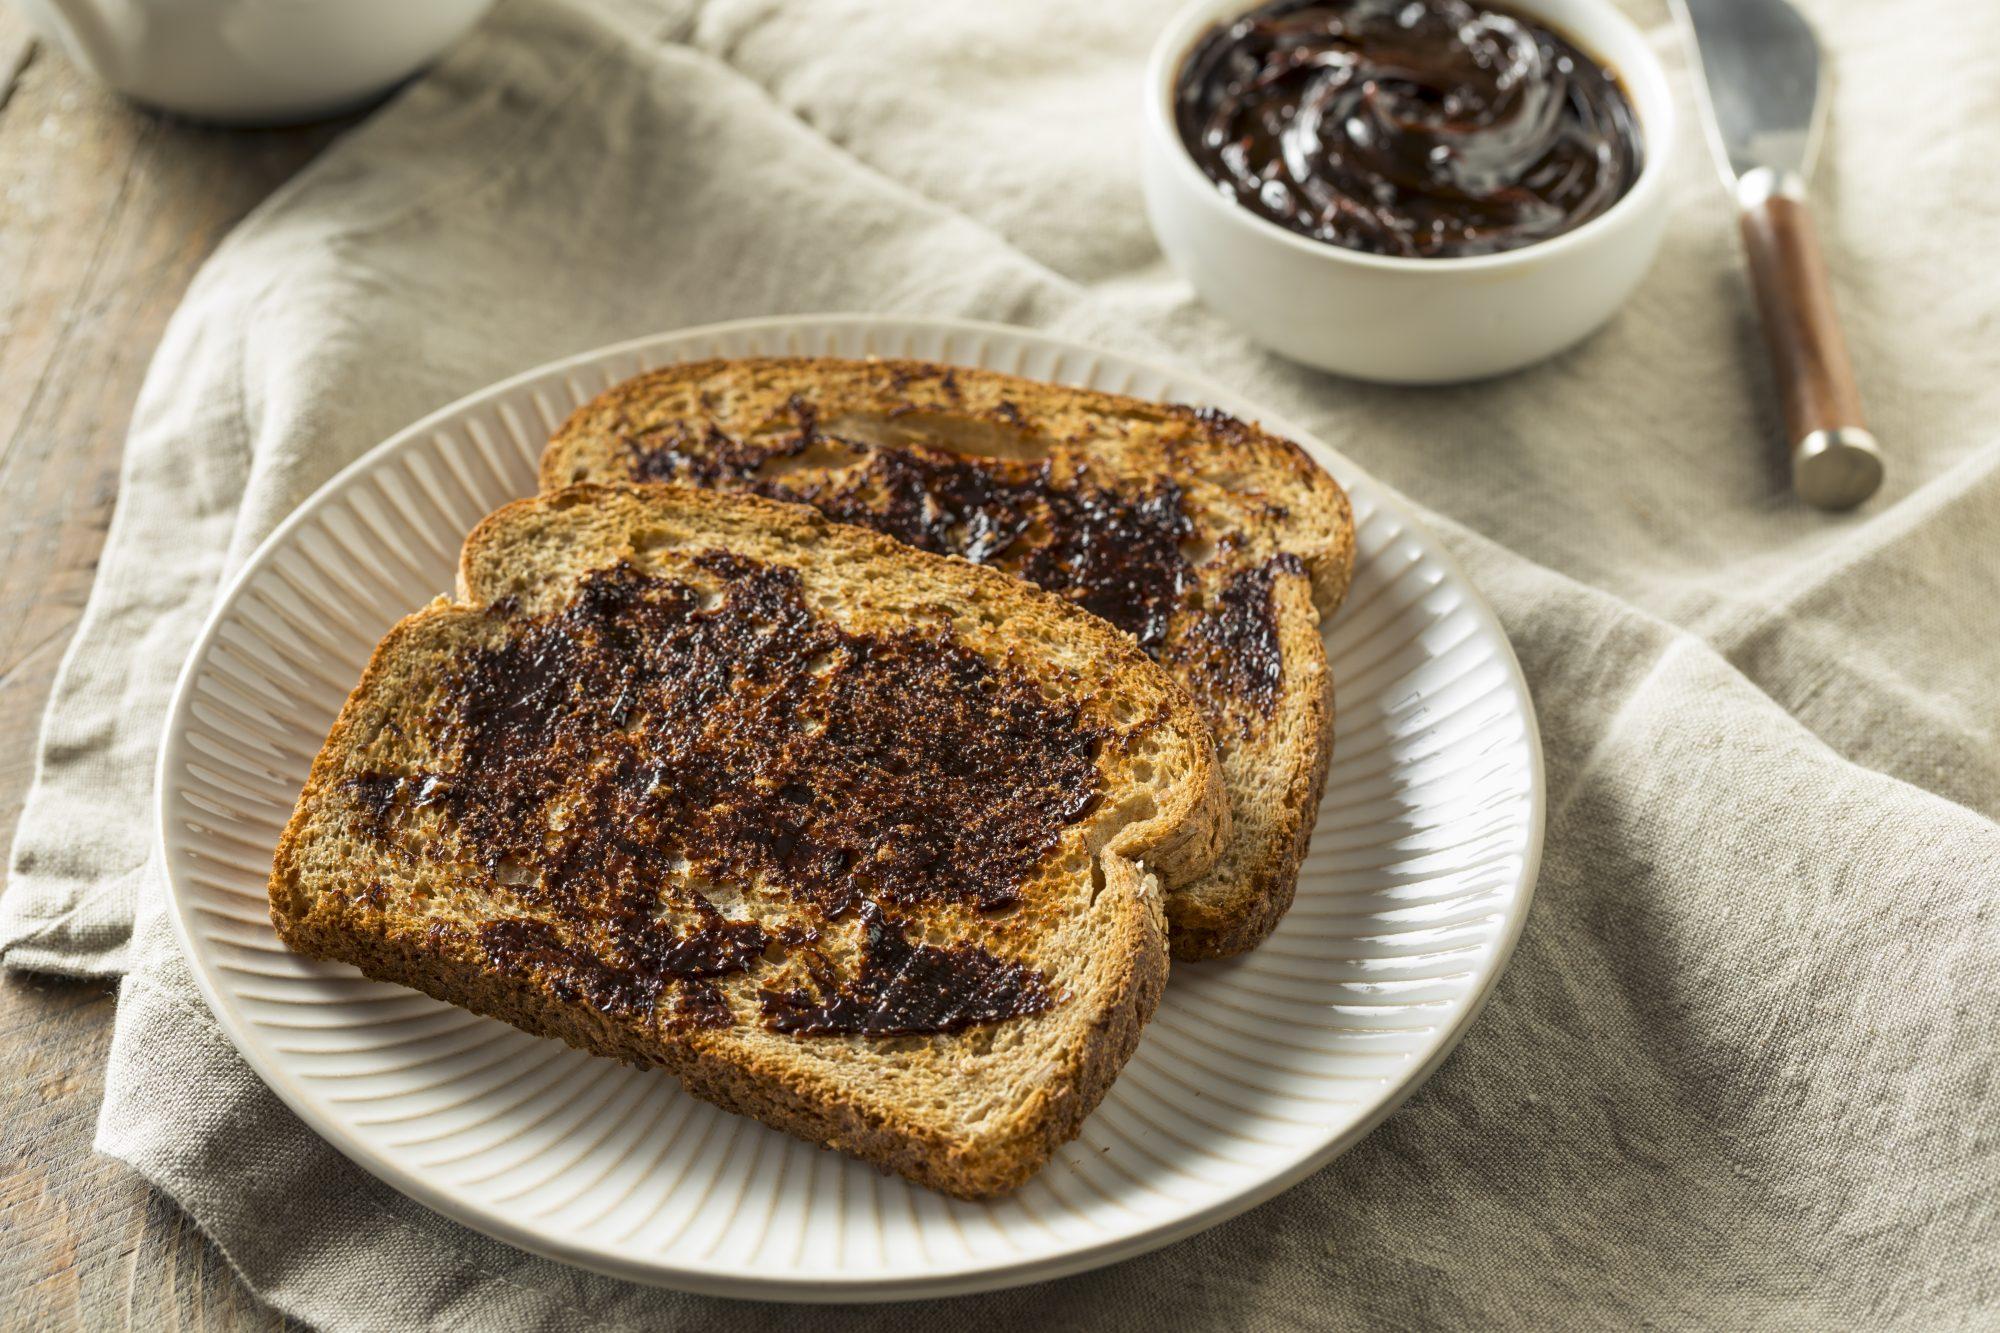 Vegemite toast Getty 6/8/20